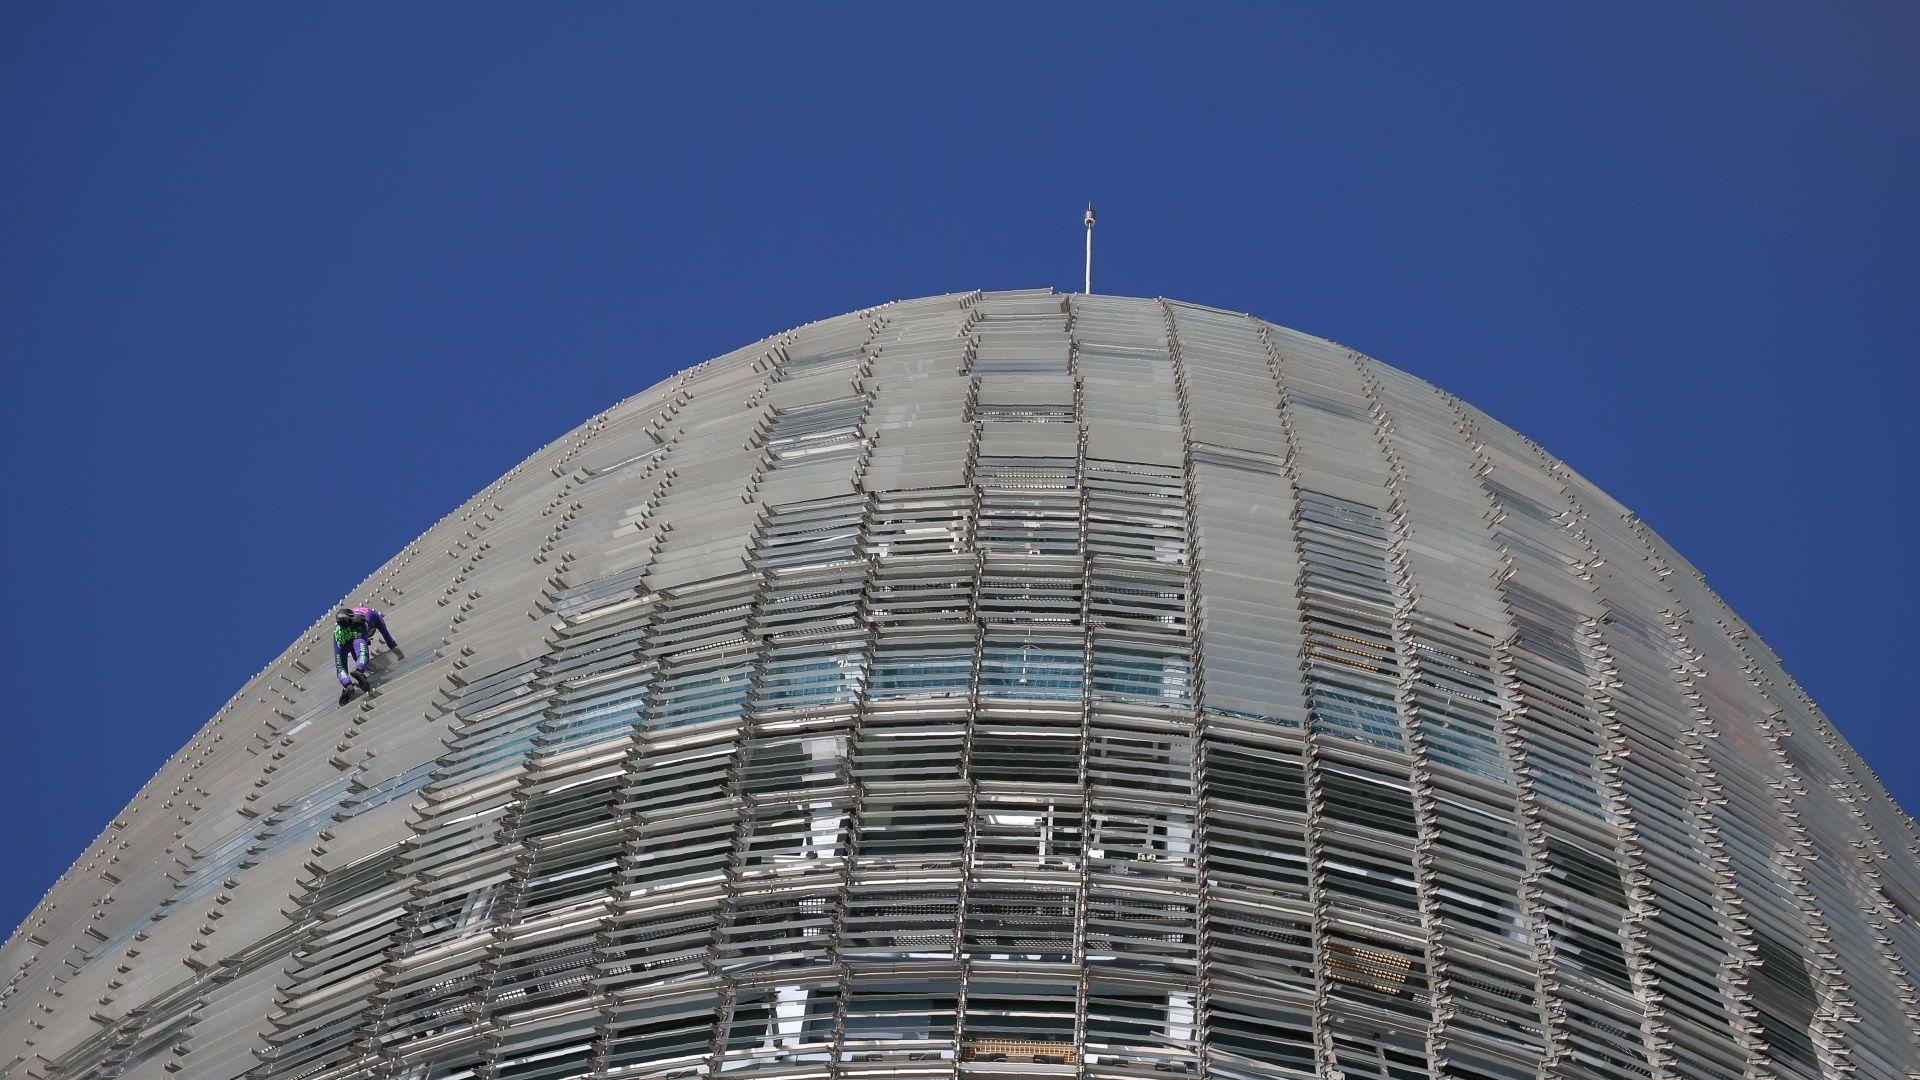 Срещу страха от COVID-19: Френският Спайдърмен изкачи кулата Агбар в Барселона (снимки)